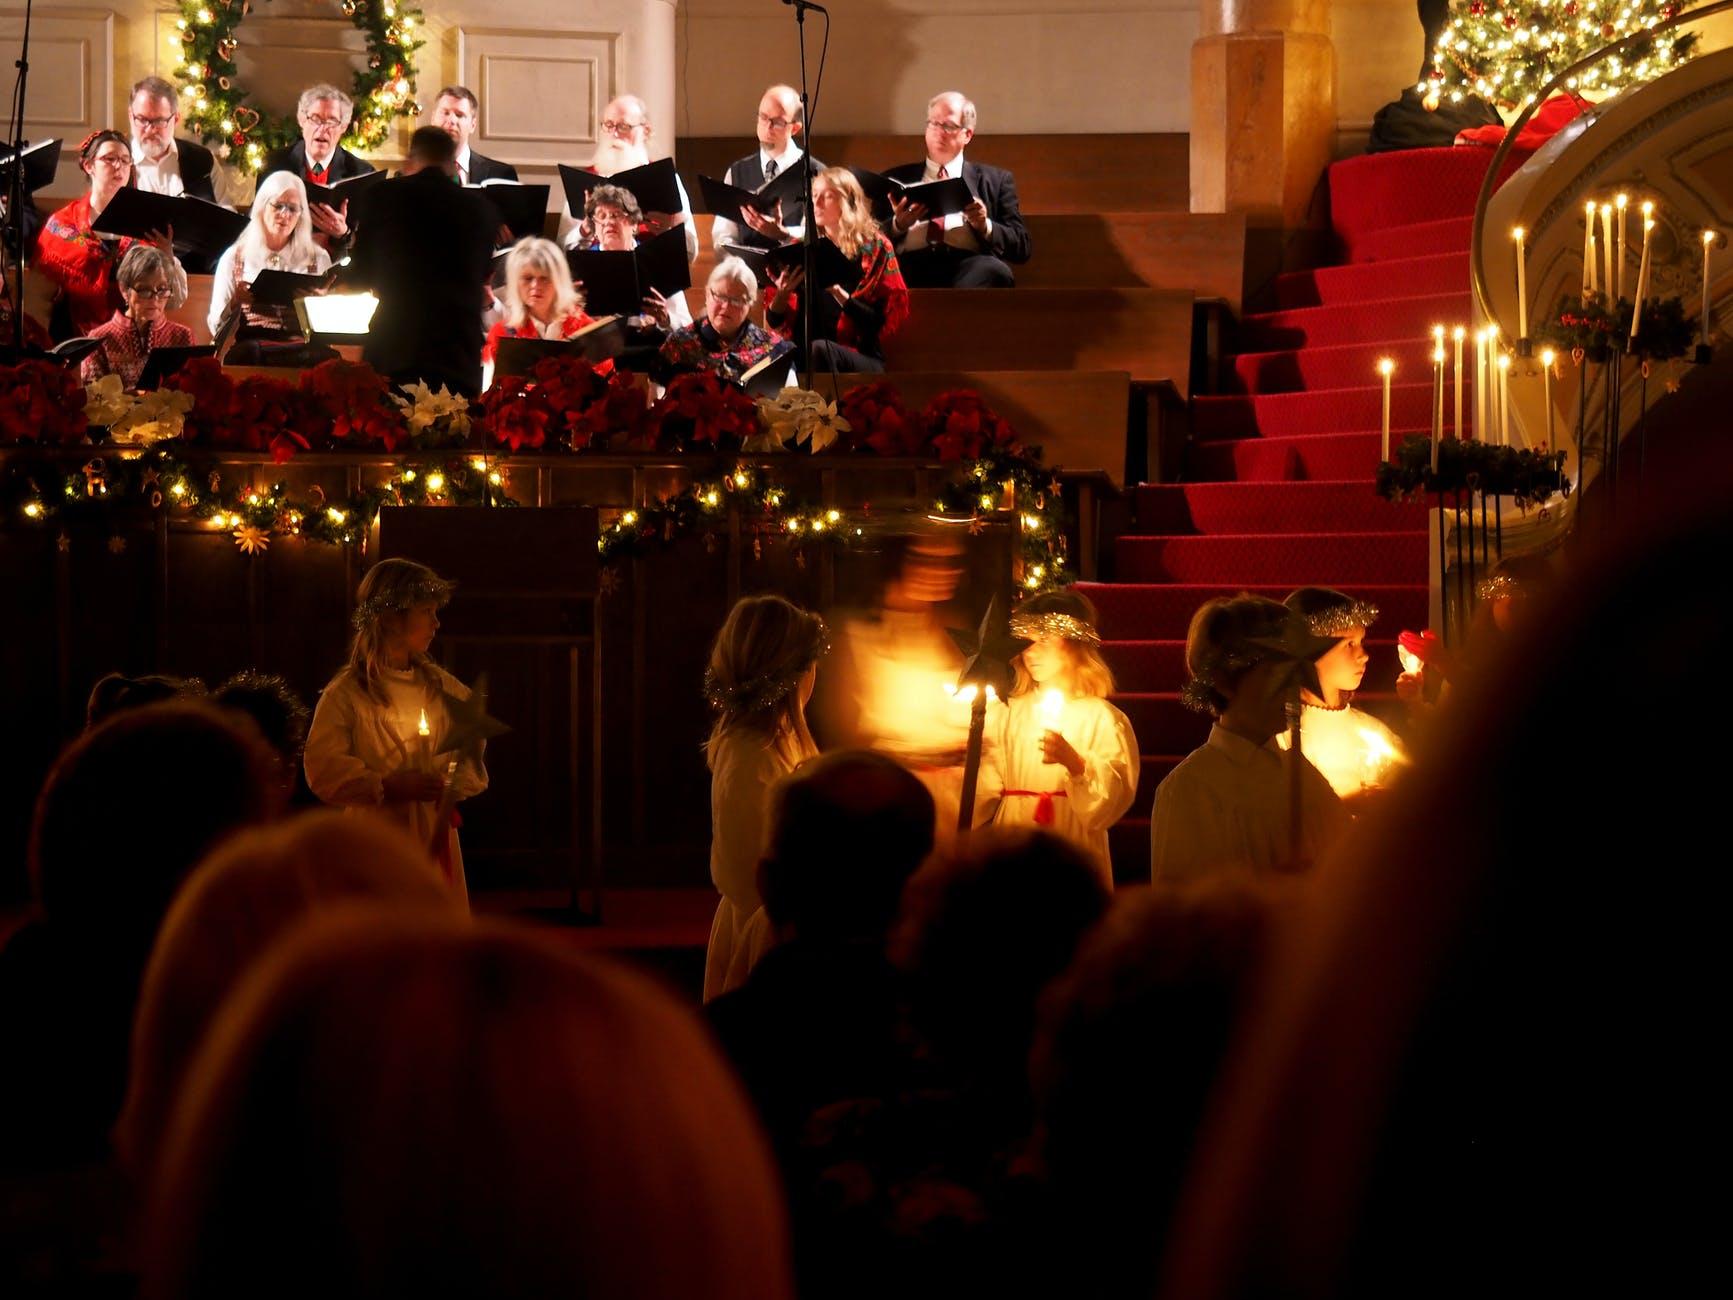 choir singing in easter